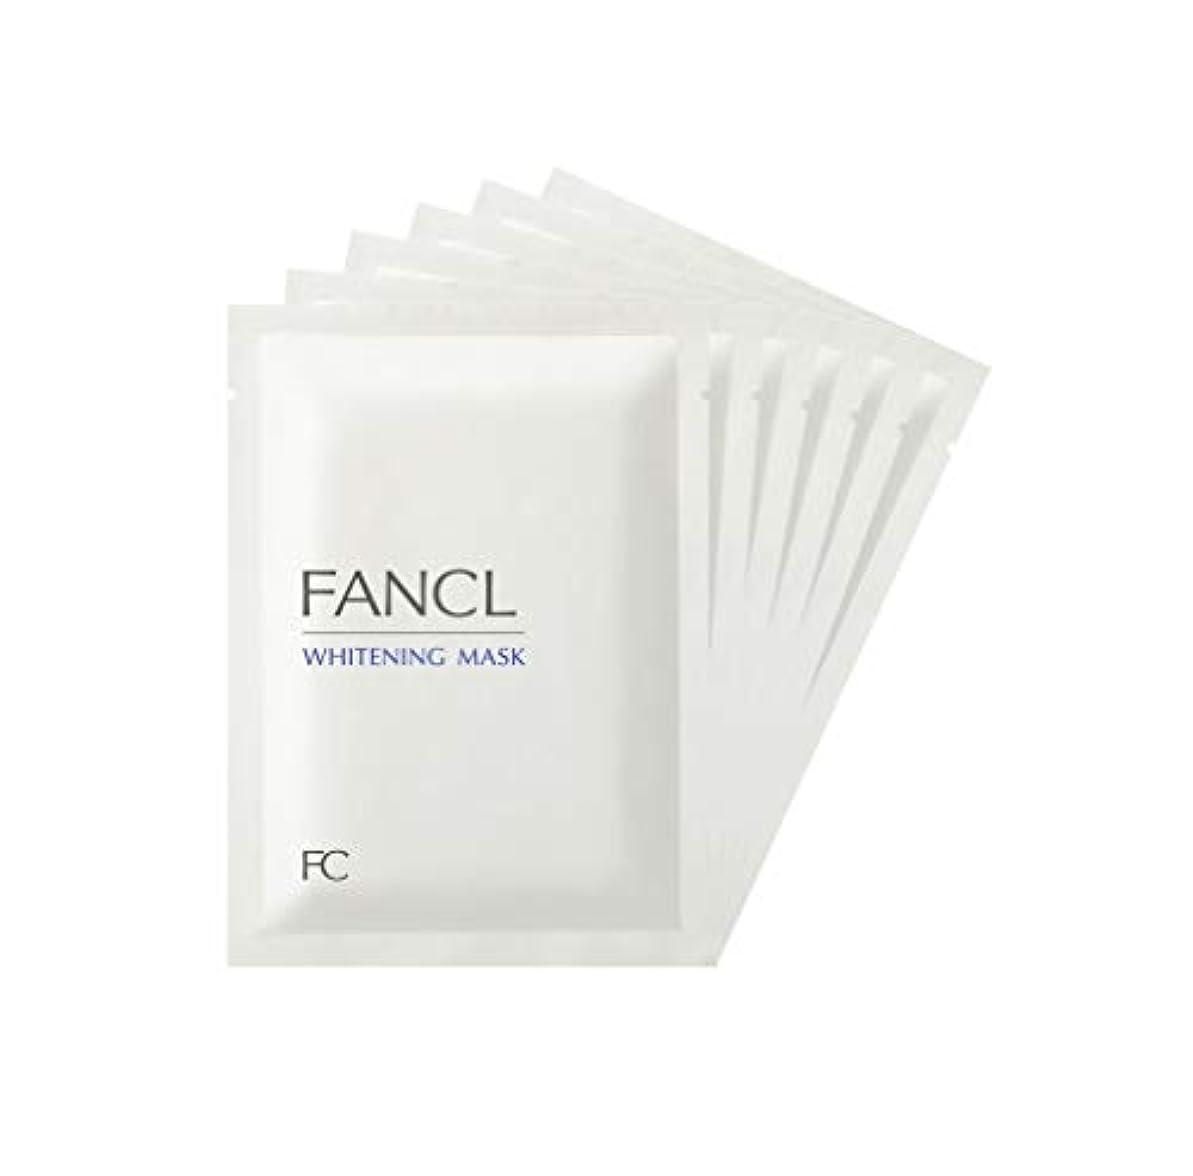 幅摂動短命ファンケル (FANCL) 新 ホワイトニング マスク 6枚セット (21mL×6) 【医薬部外品】